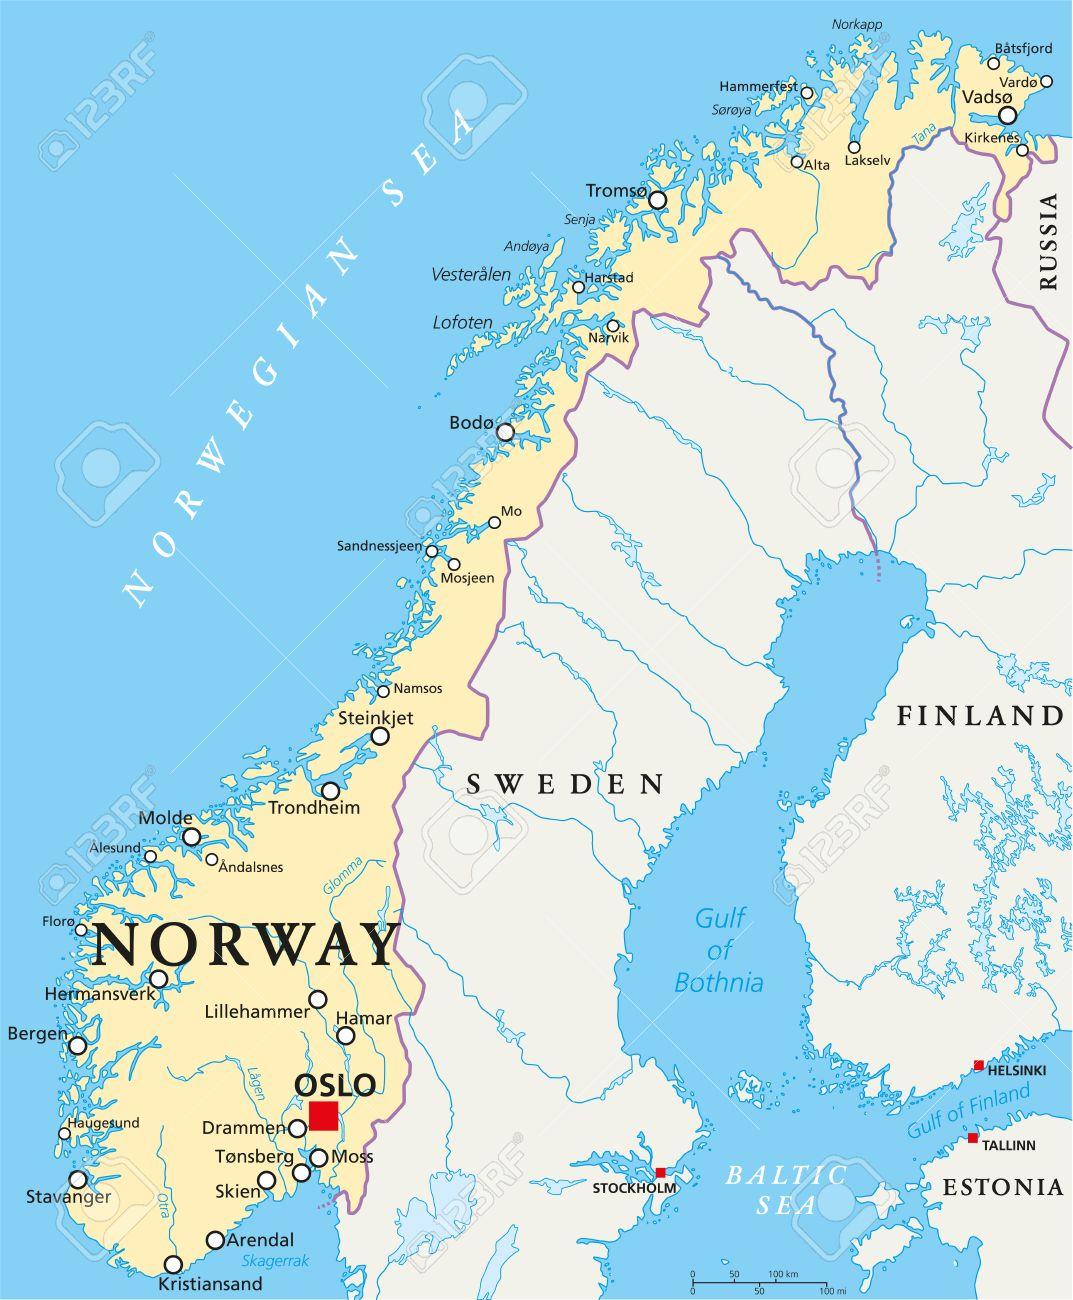 La Norvegia Cartina.Vettoriale Mappa Politica Della Norvegia Con Capitale Oslo Confini Nazionali Citta Importanti Fiumi E Laghi Etichettatura E Ridimensionamento In Inglese Illustrazione Image 39202603